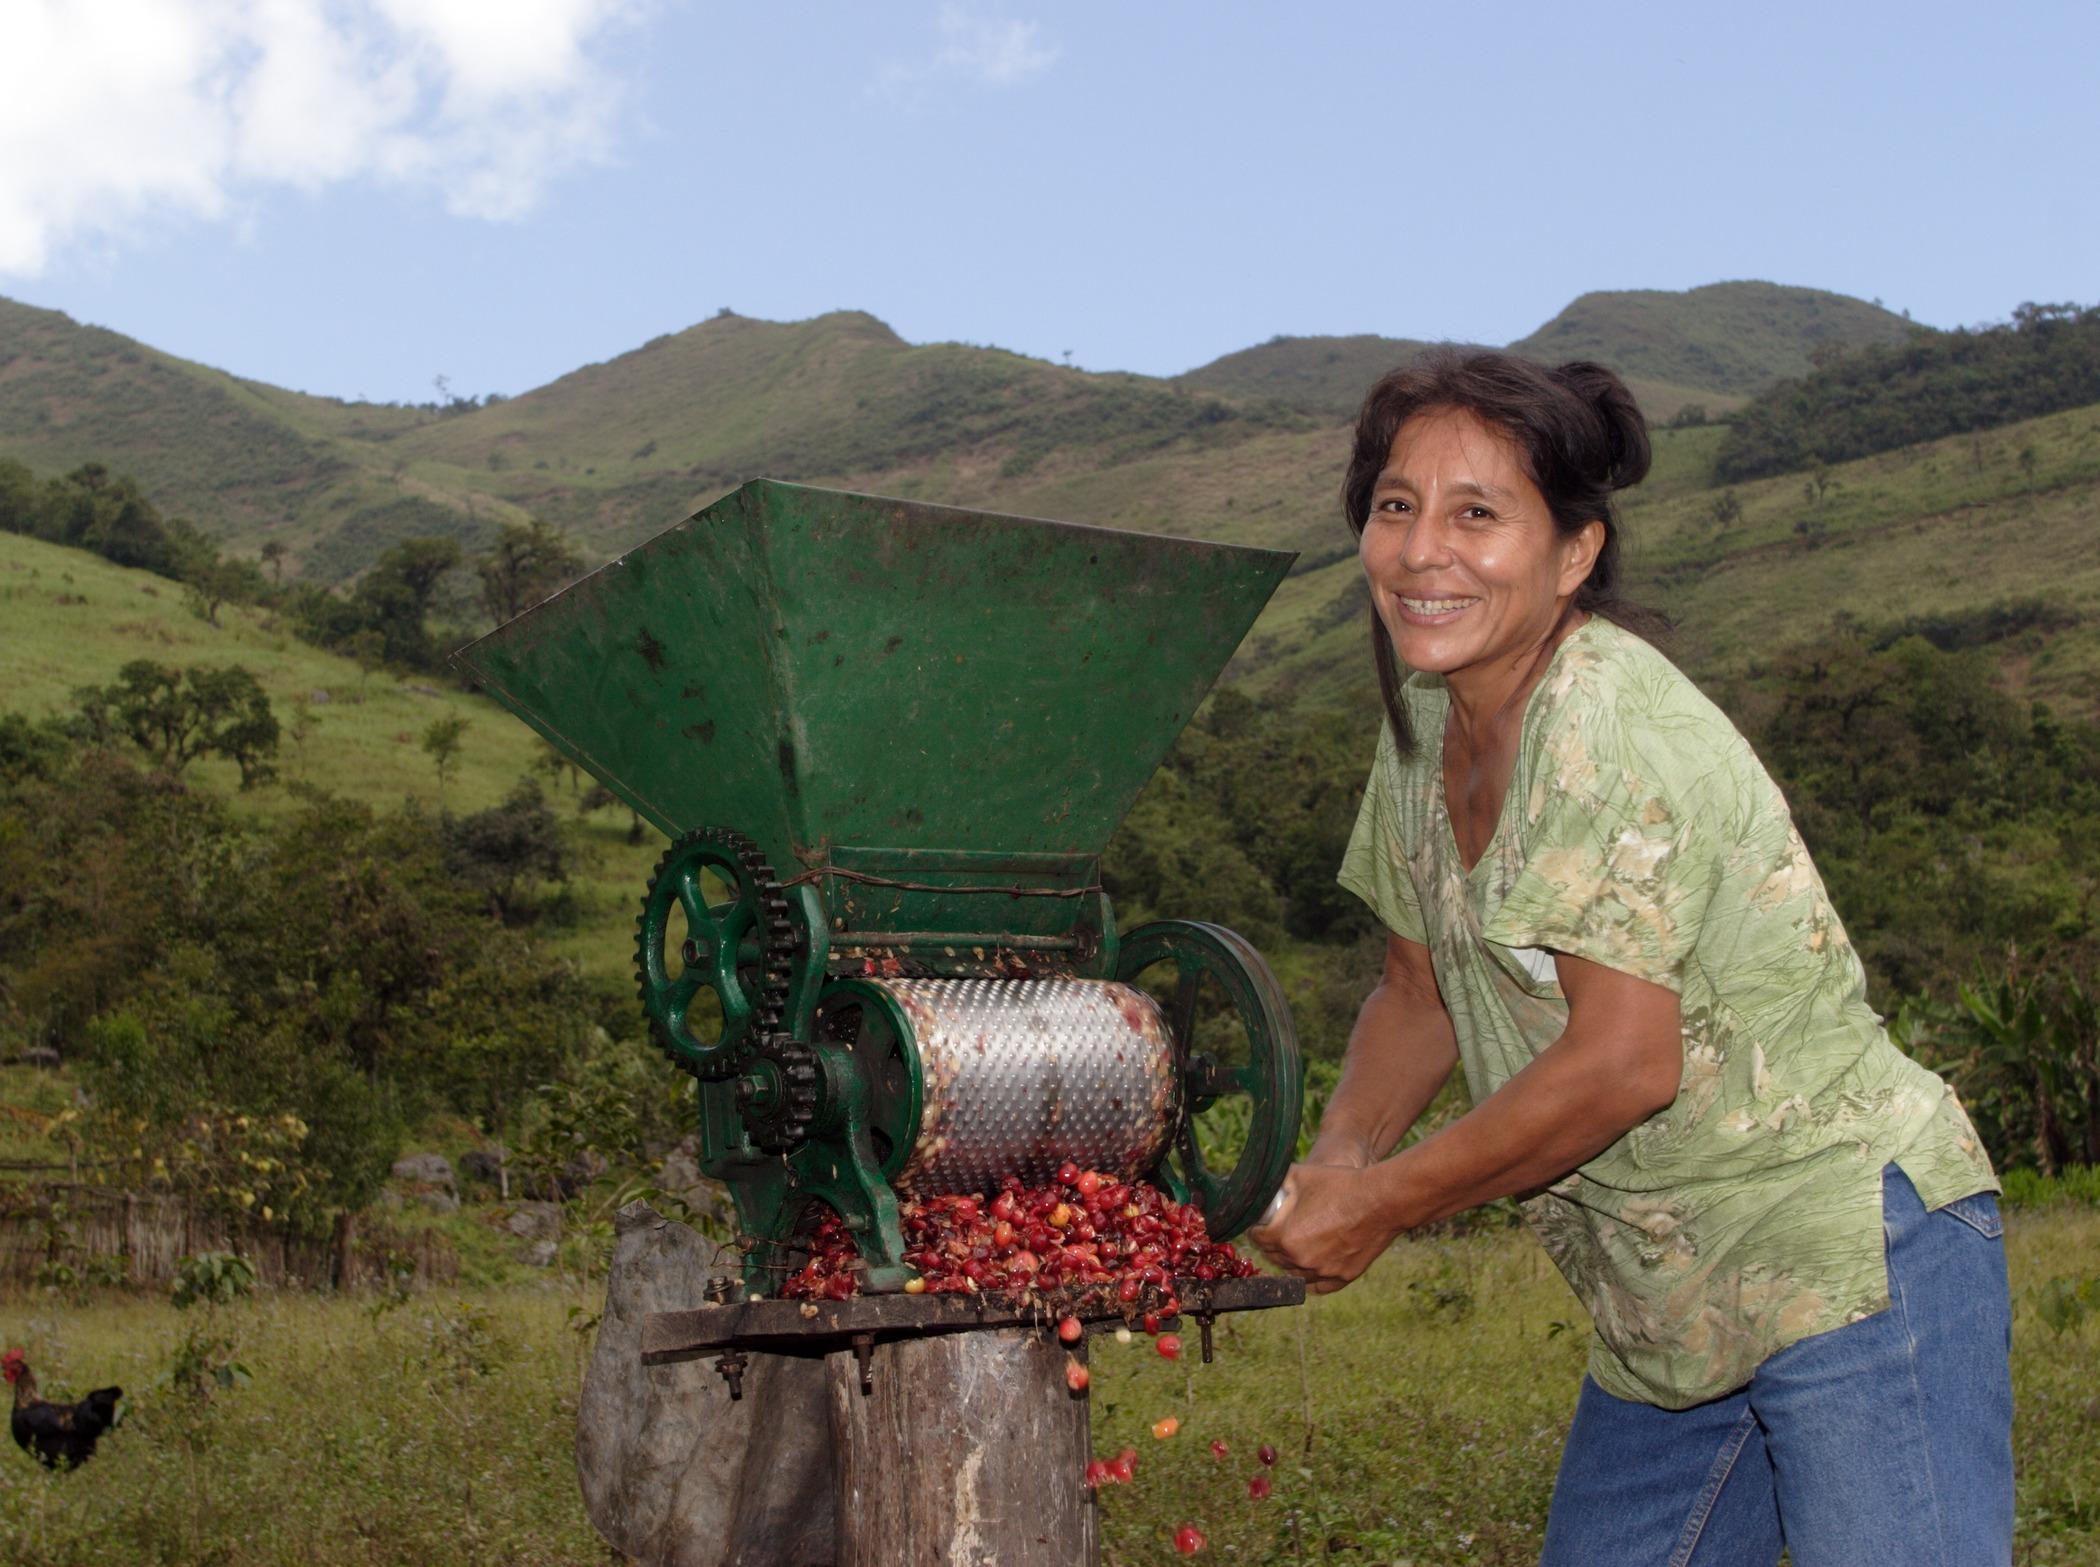 coffee-farmers_2005_olaf-hammelburg-4258_2100x1567_300_rgb